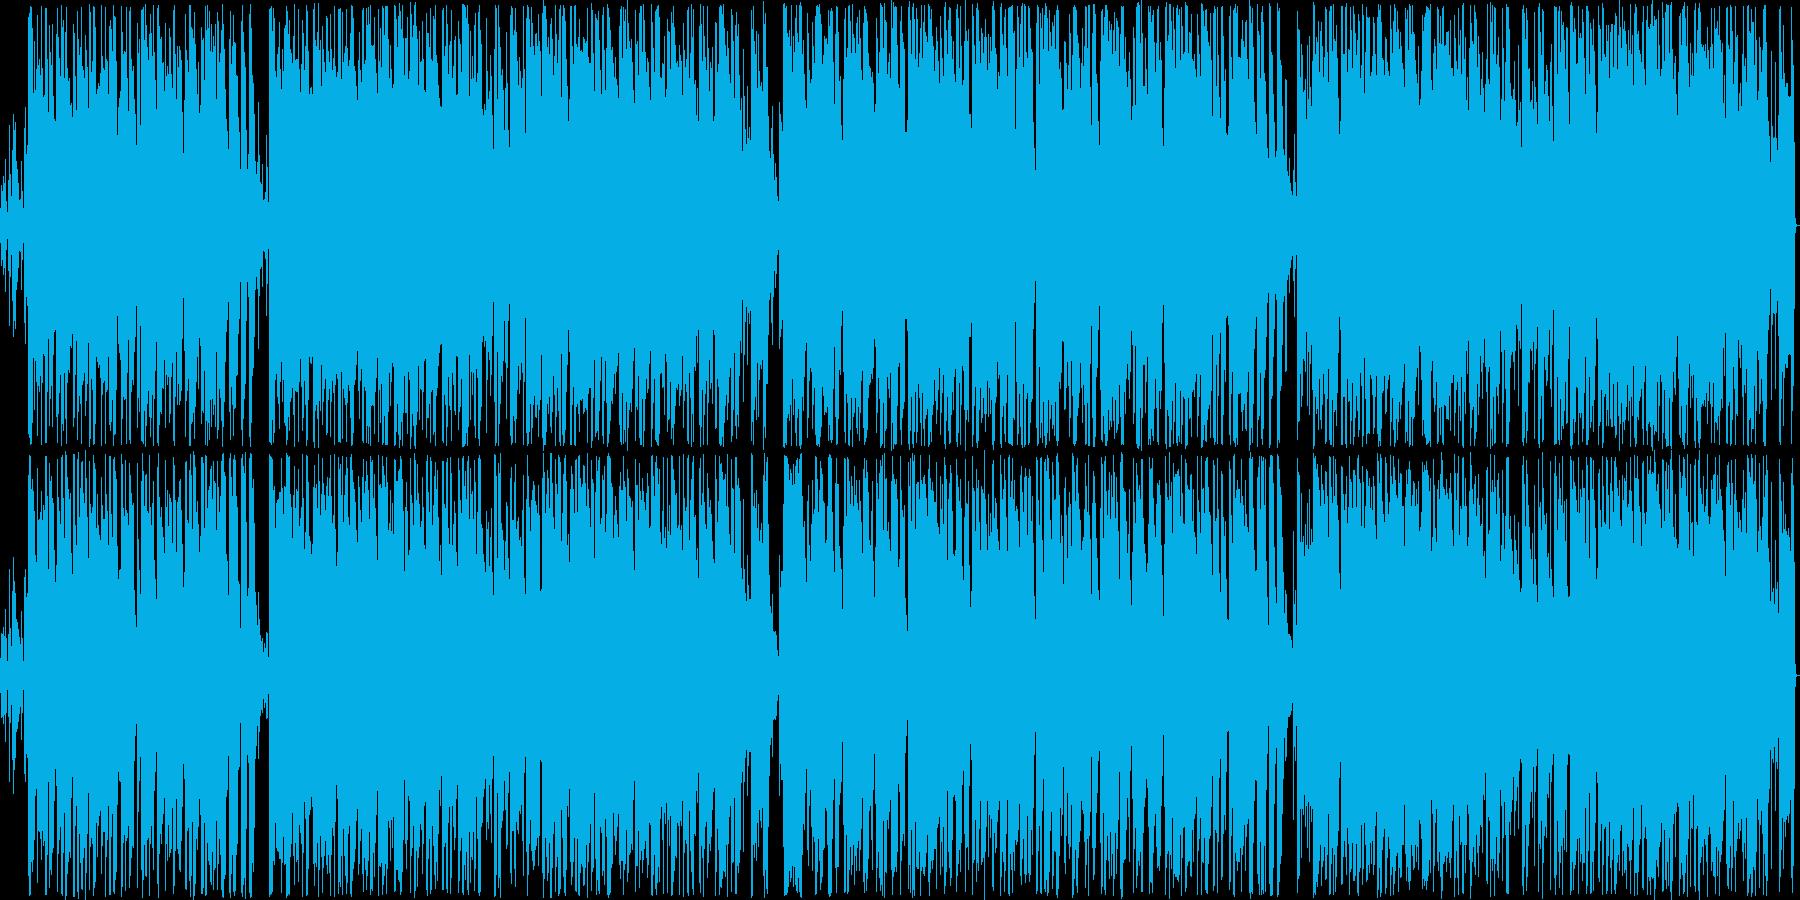 ラテンパーカッションが楽しいアコギの再生済みの波形